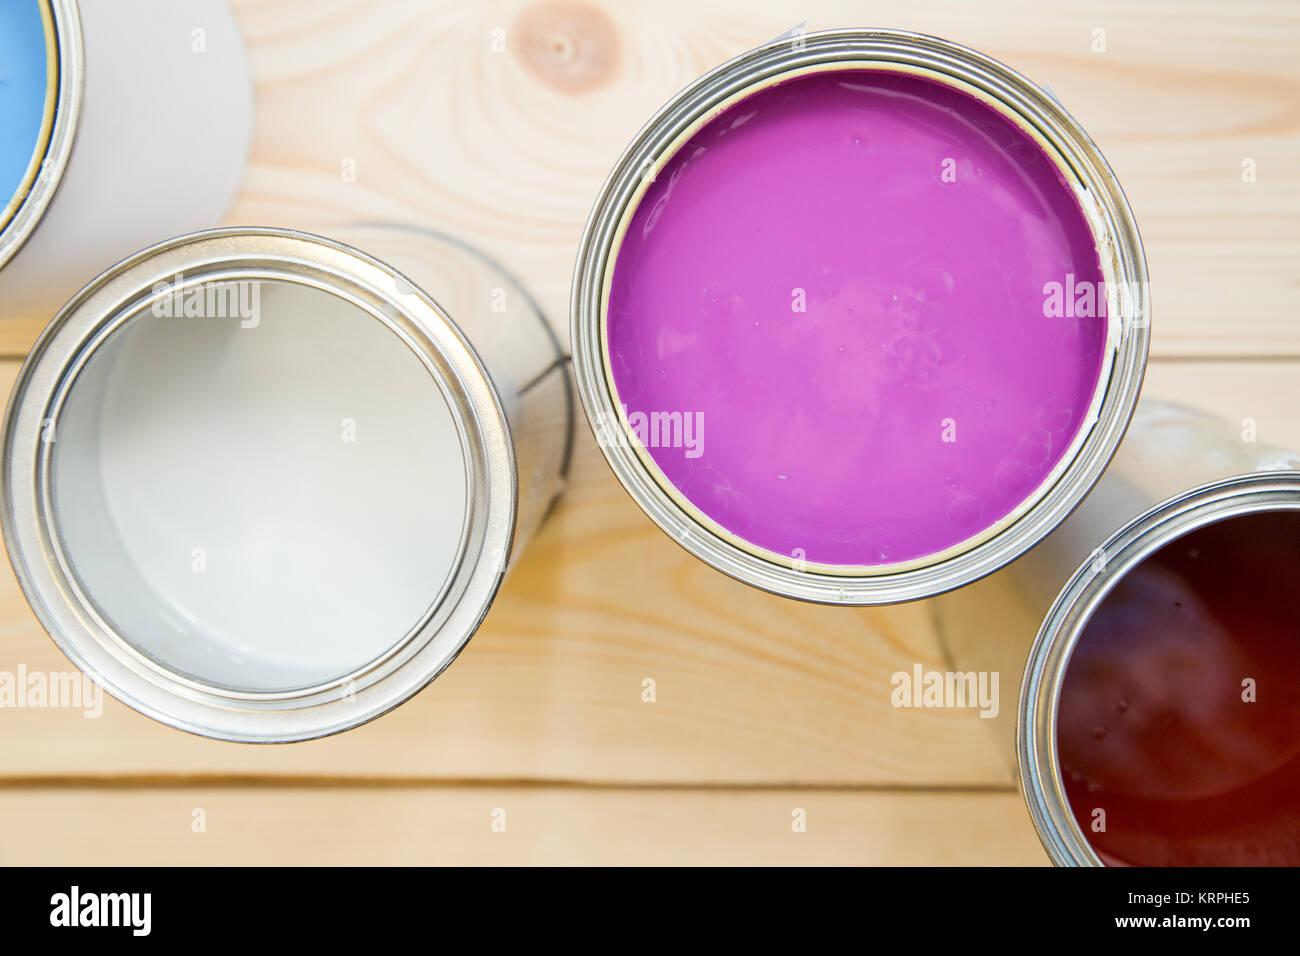 Nuove Pitture Per Appartamenti pittura nuovo appartamento. lattine di lattina di fucsia